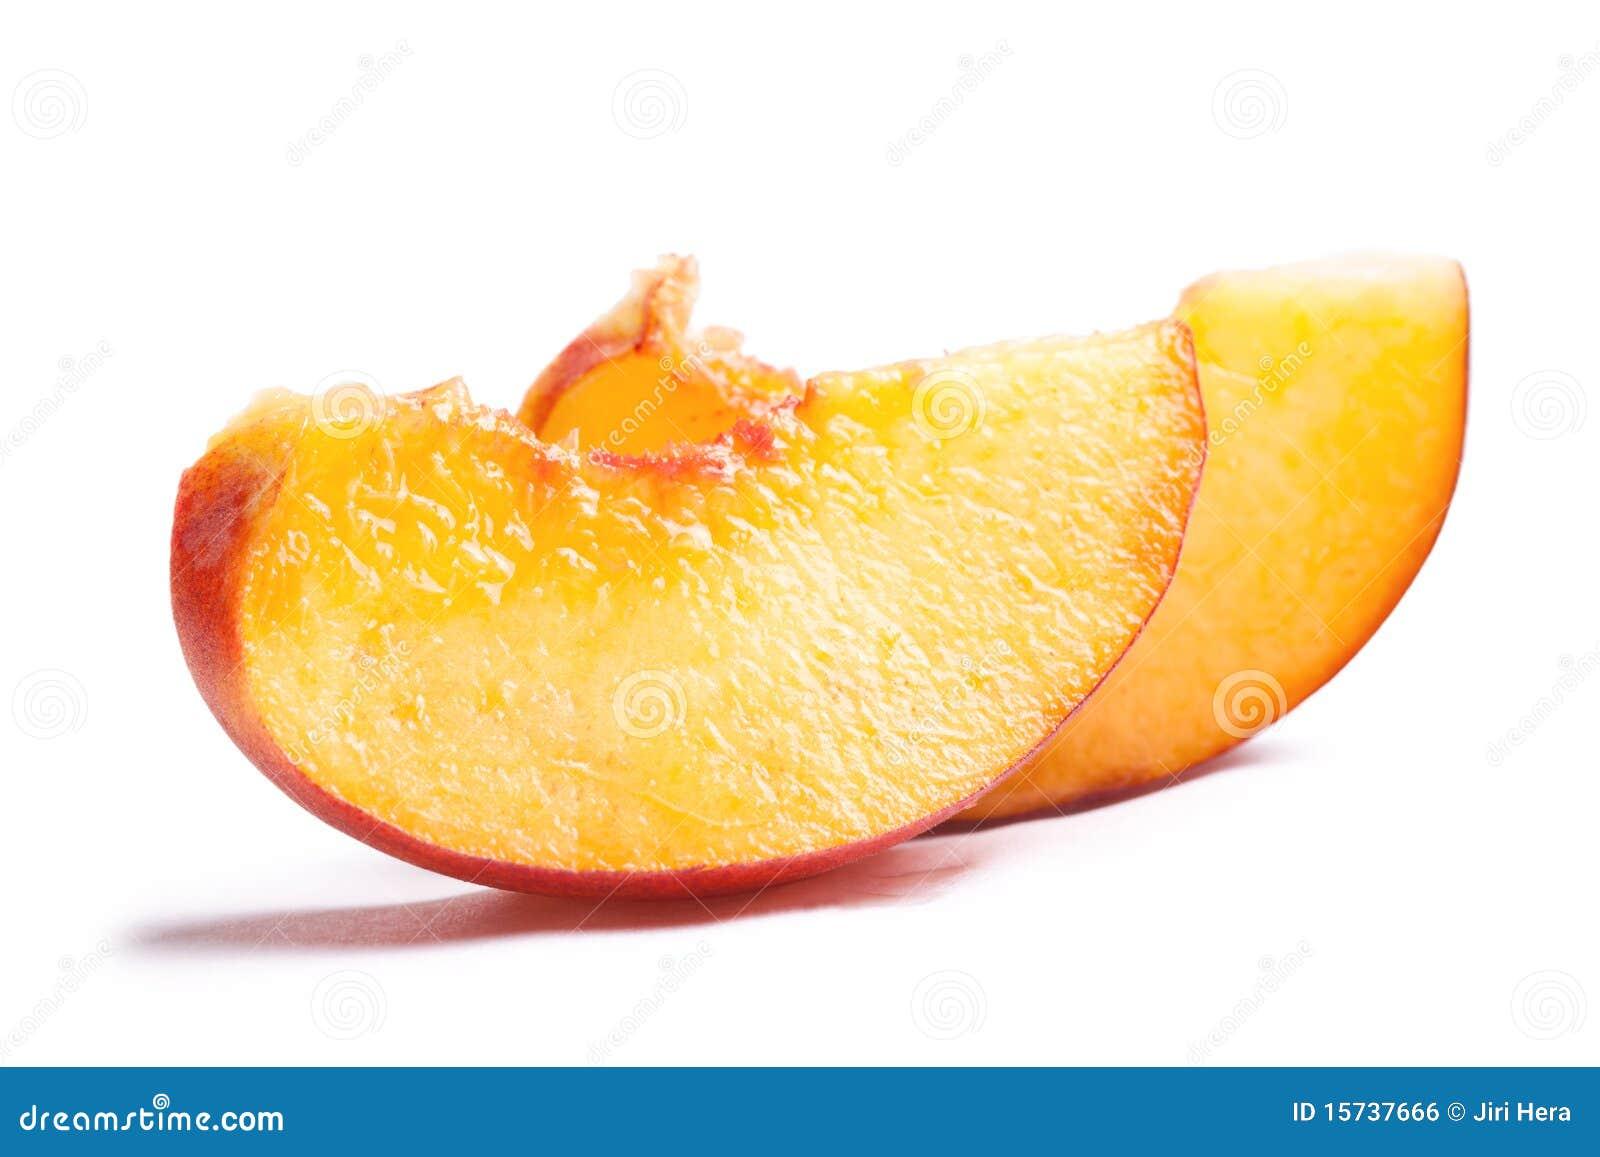 Slices Of Peach Stock Photography | CartoonDealer.com ...